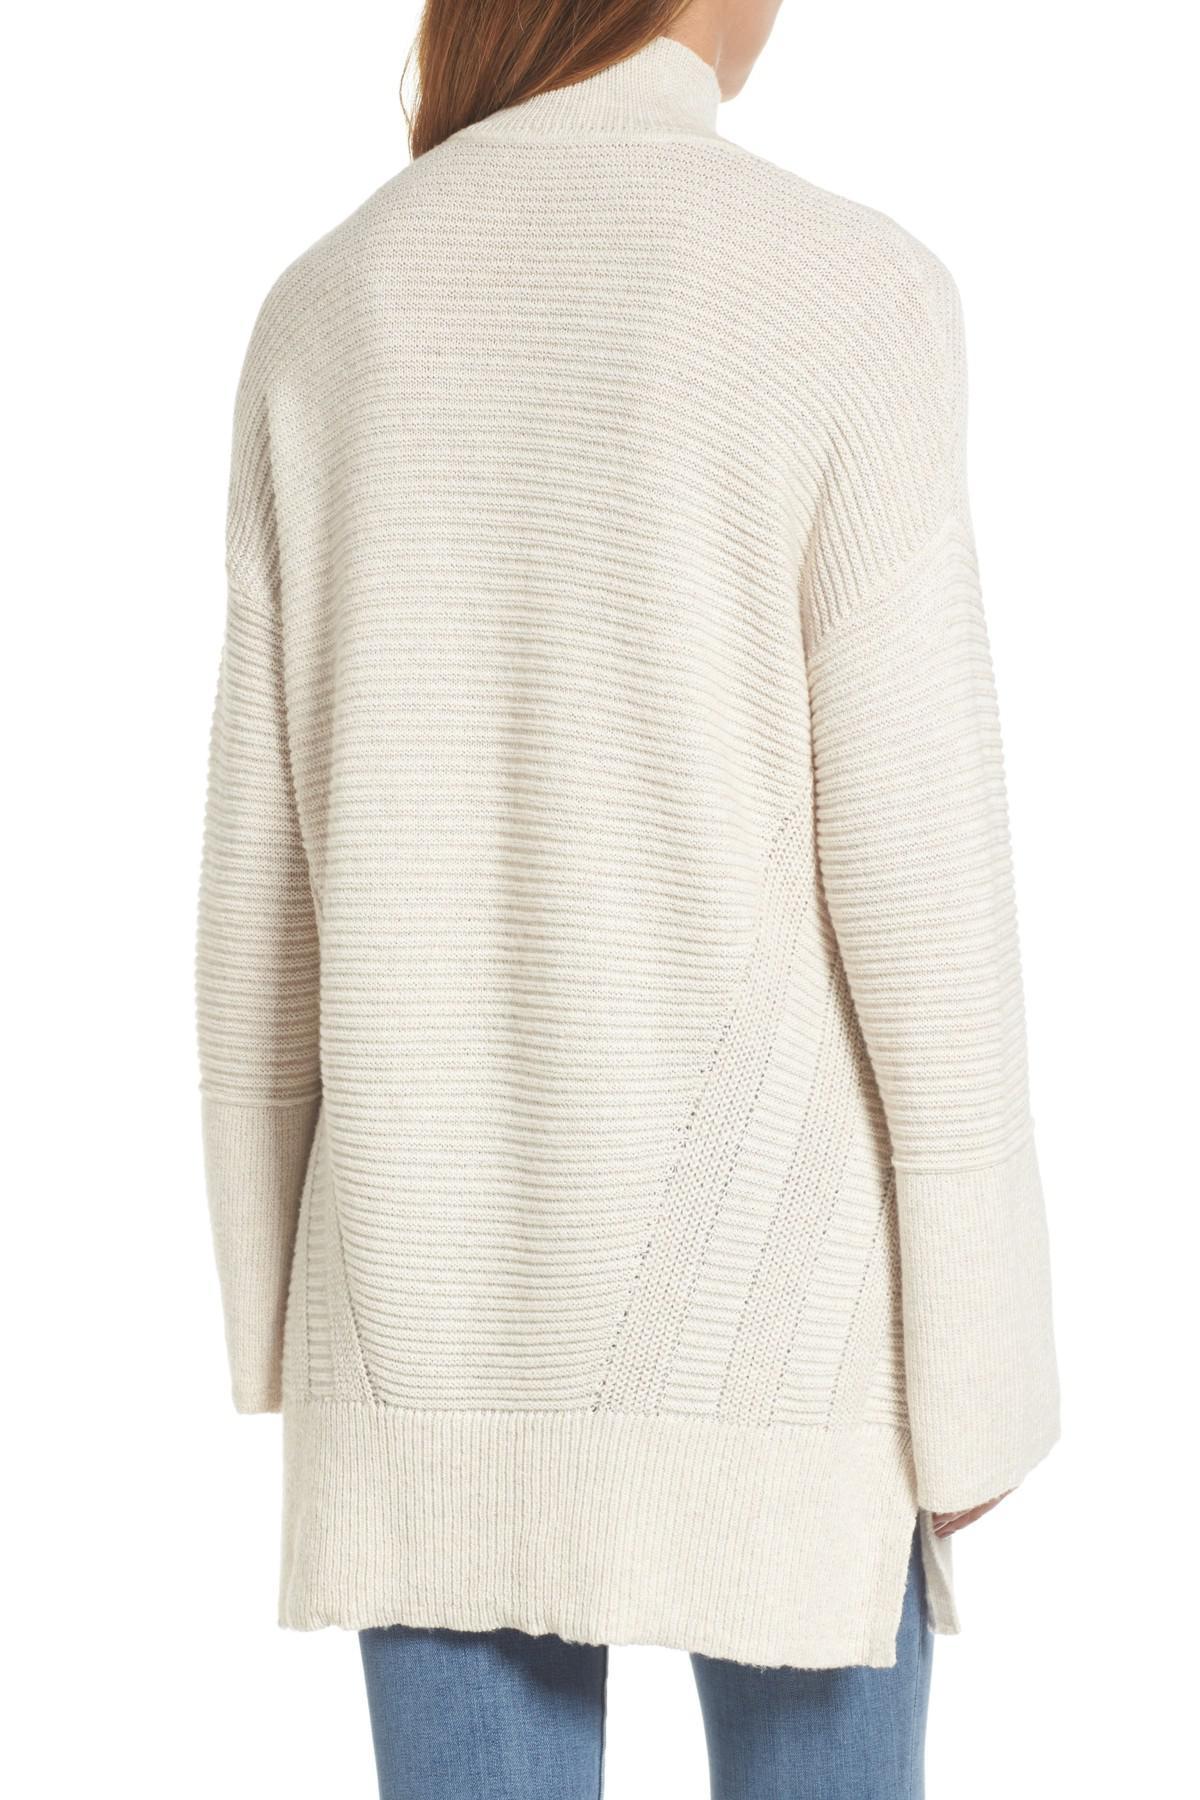 a83de0467 Lyst - Caslon (r) Ribbed Turtleneck Tunic Sweater (regular   Petite ...